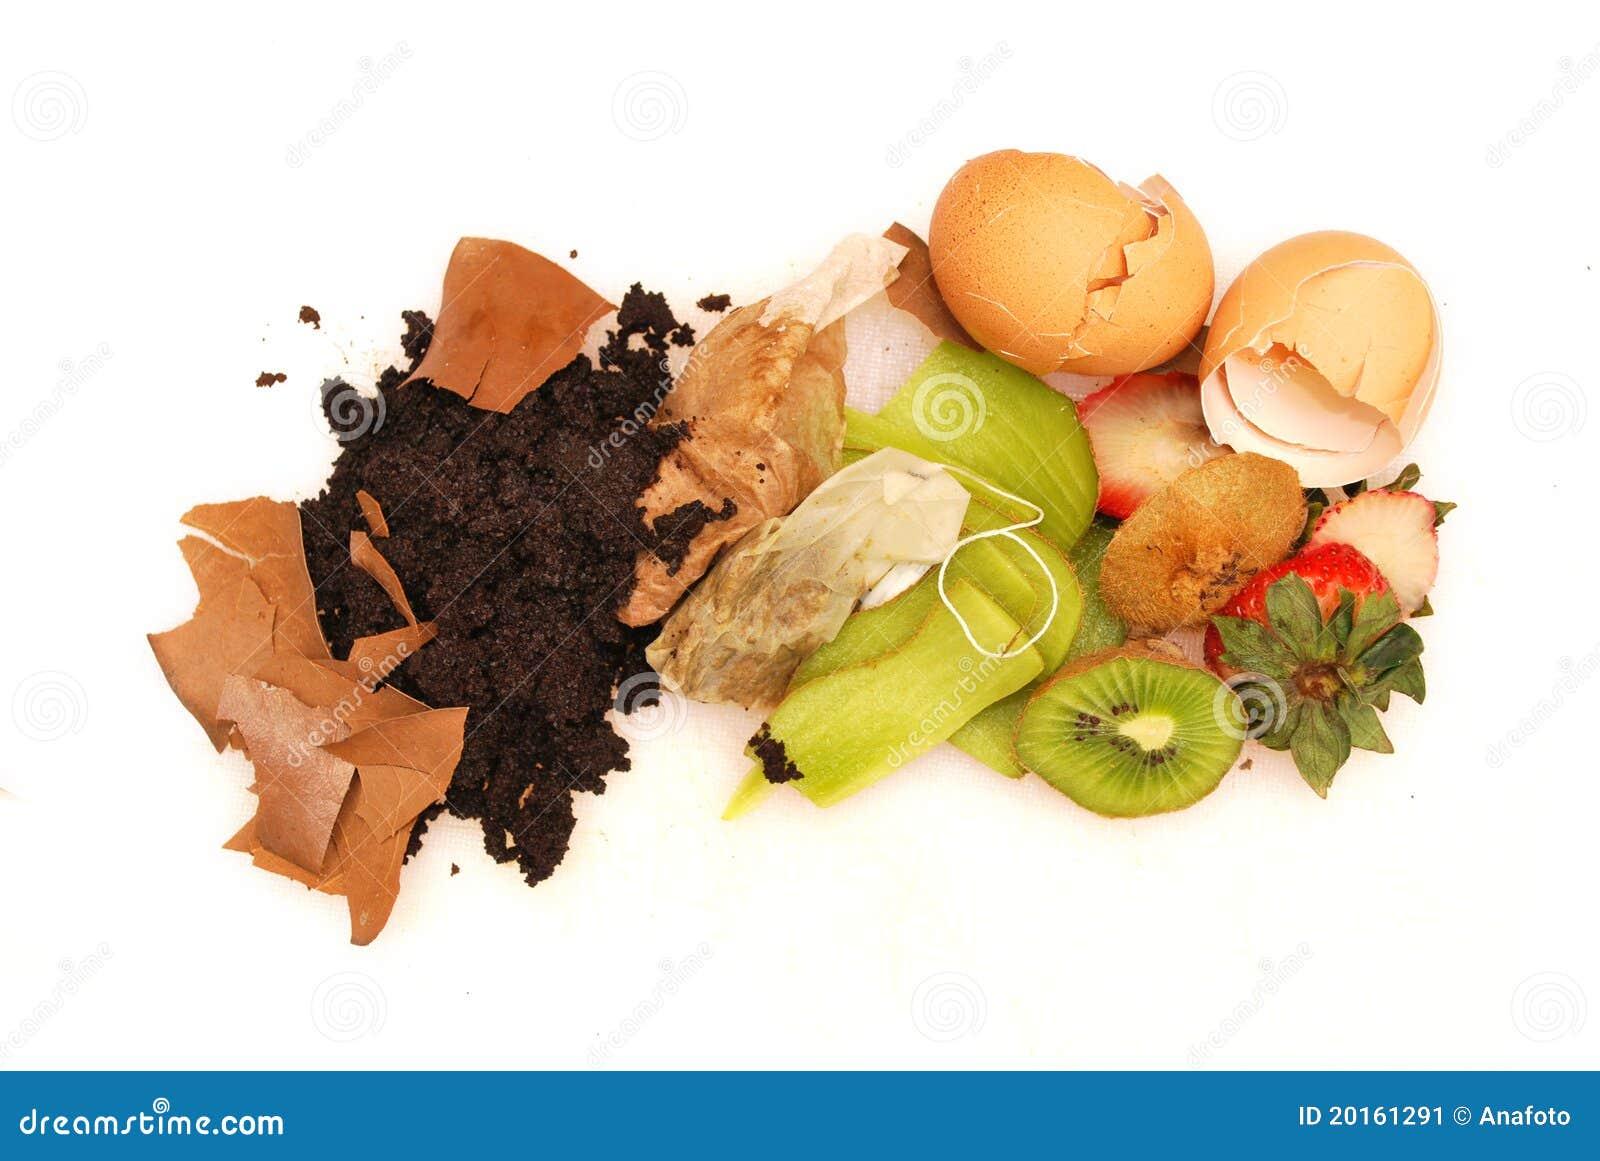 E House Plans Organic Waste White Background Stock Image Image Of